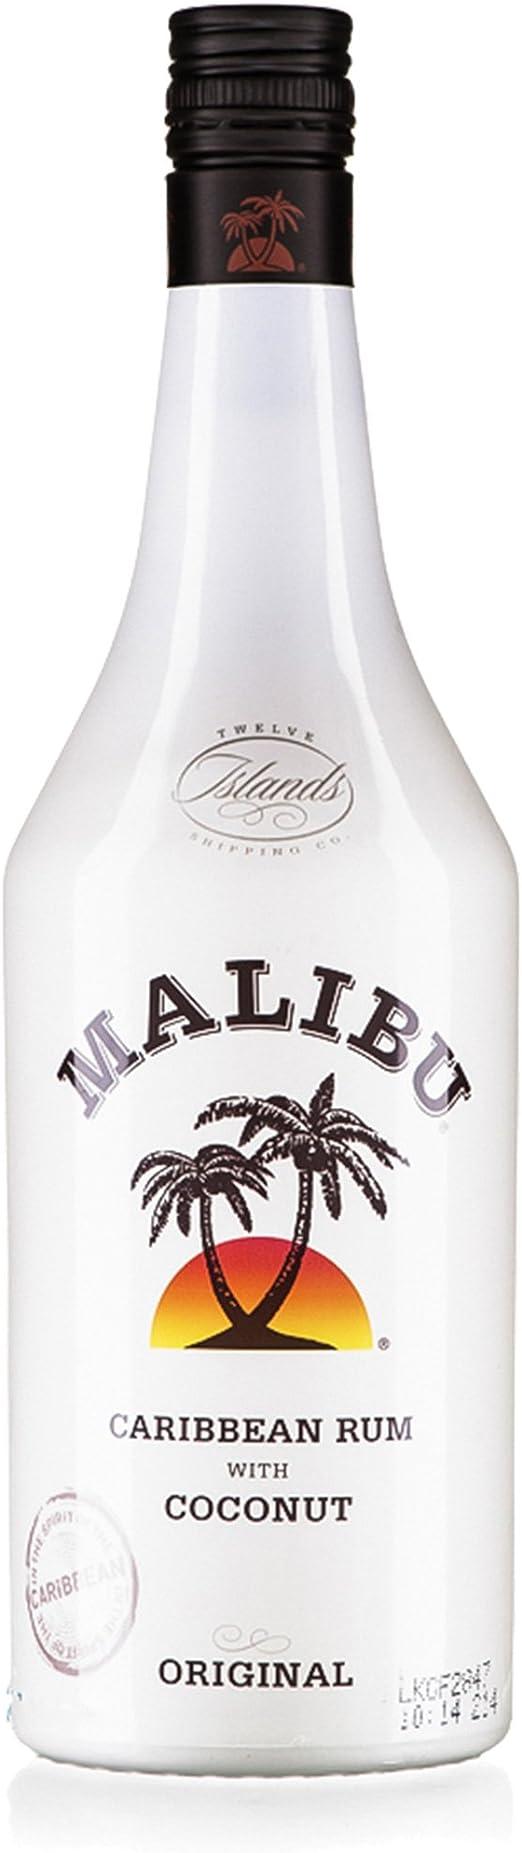 Malibu Botella de licor de coco MALIBU 70cl: Amazon.es ...